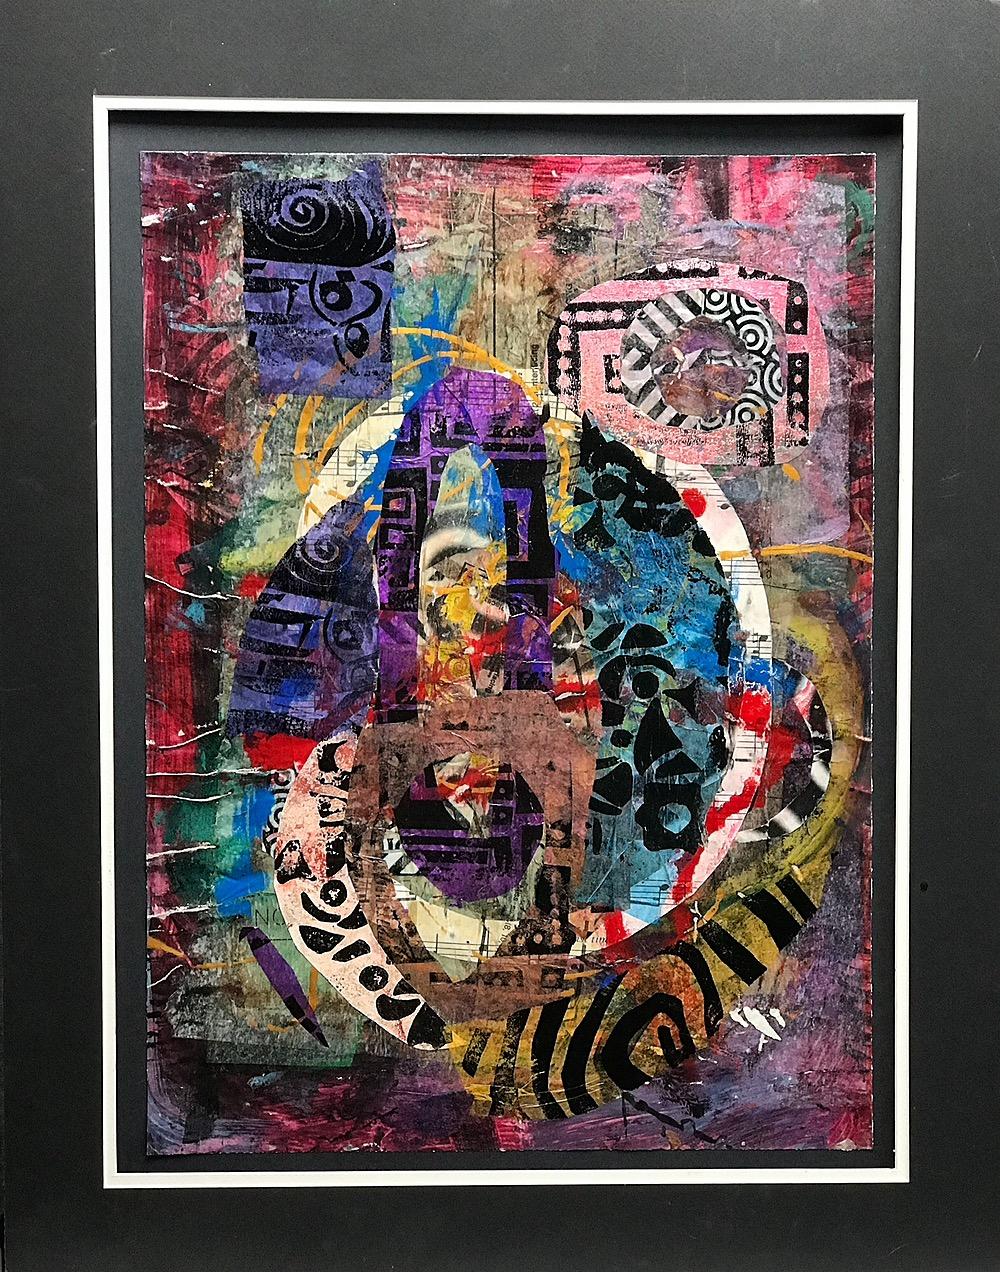 Faberge by Raphael Maximo Sanchez | ArtworkNetwork.com